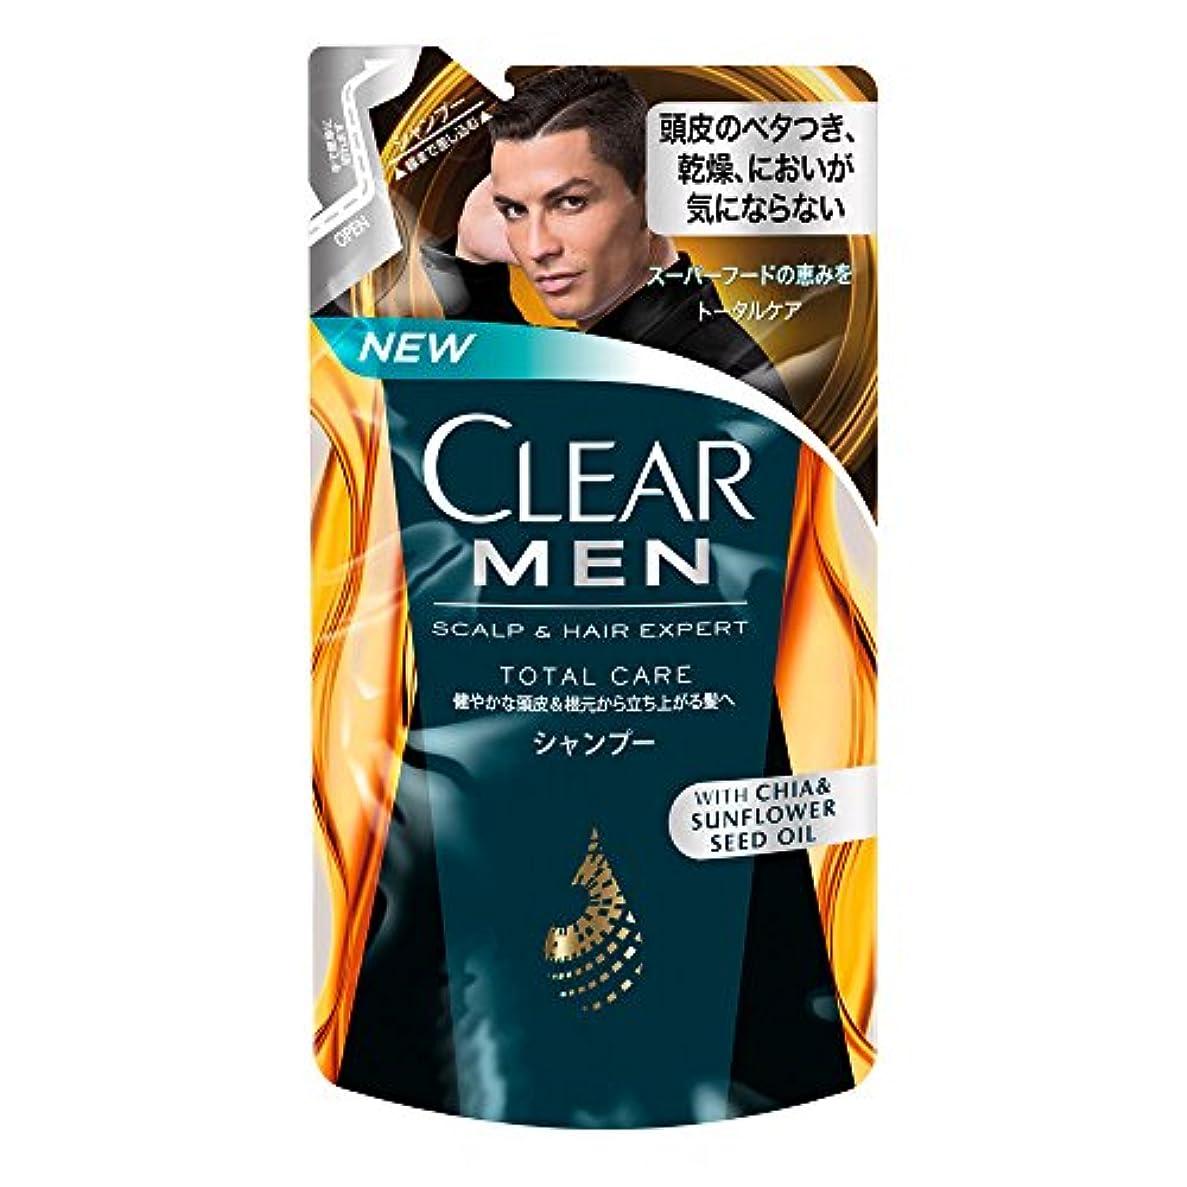 さておきリスキーな食べるクリア フォーメン トータルケア 男性用シャンプー つめかえ用 (健やかな頭皮へ) 280g